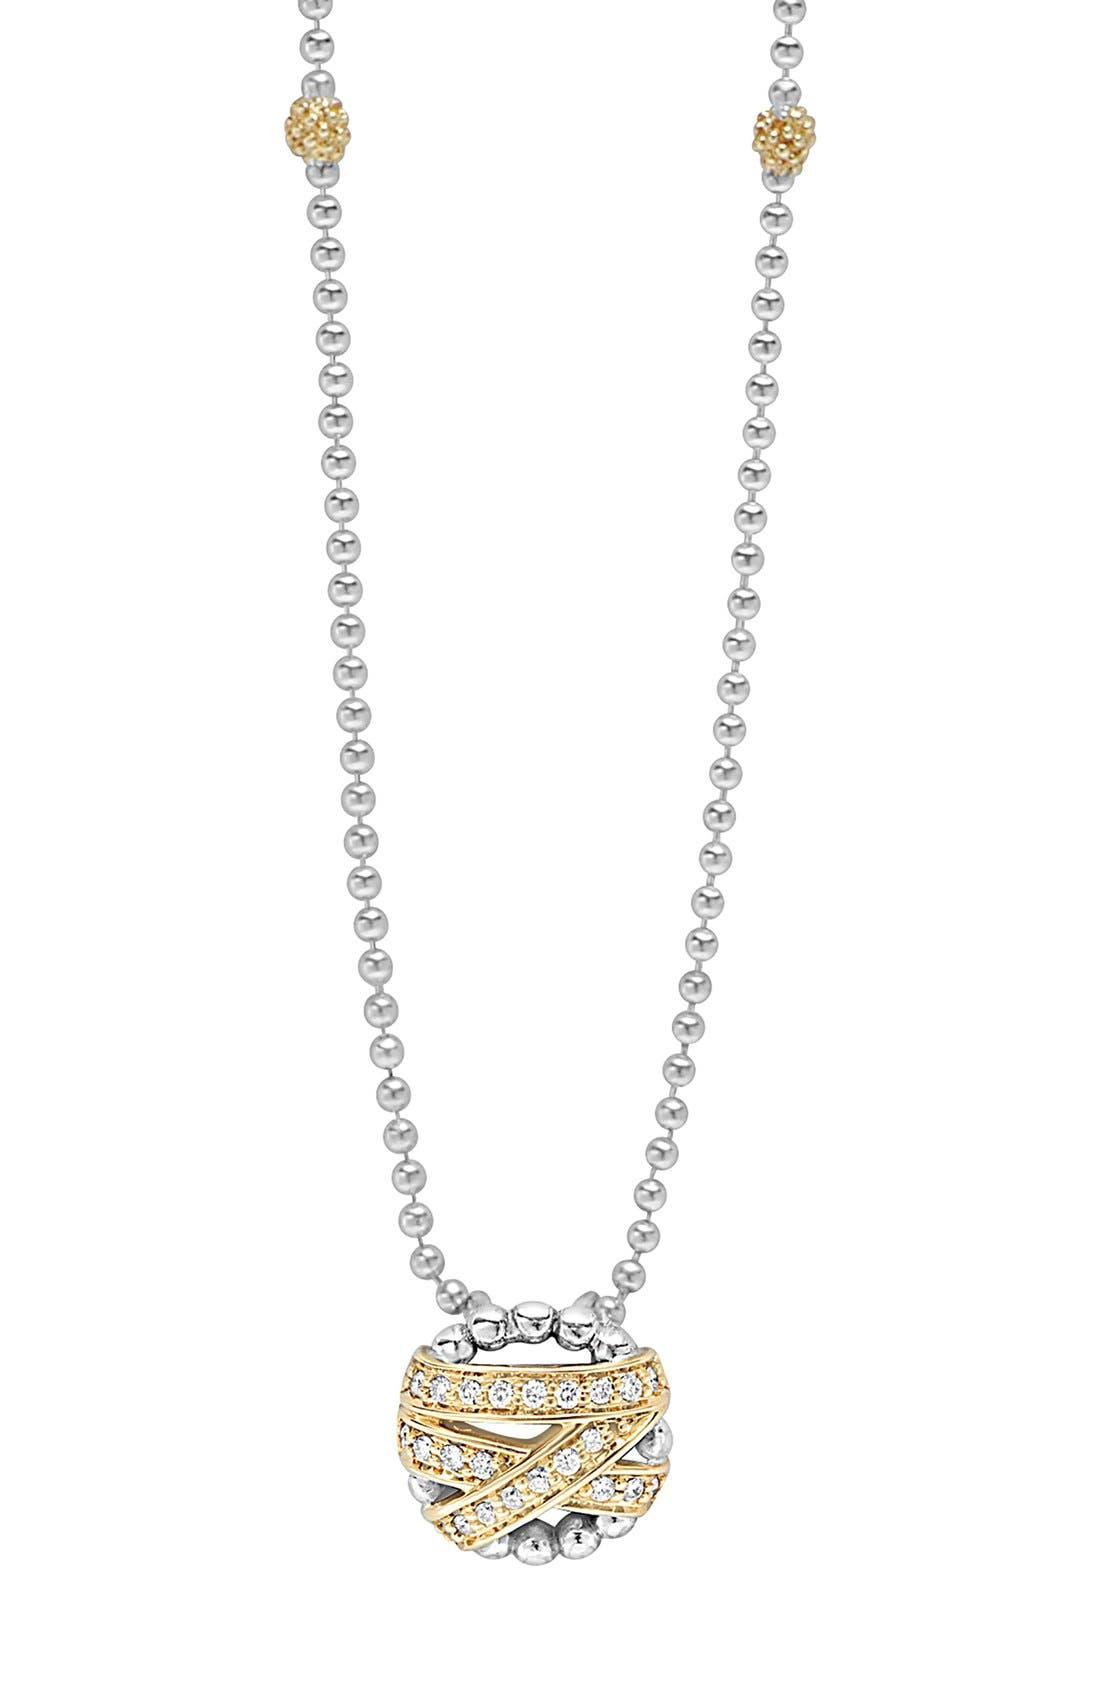 LAGOS Diamonds & Caviar Pendant Necklace